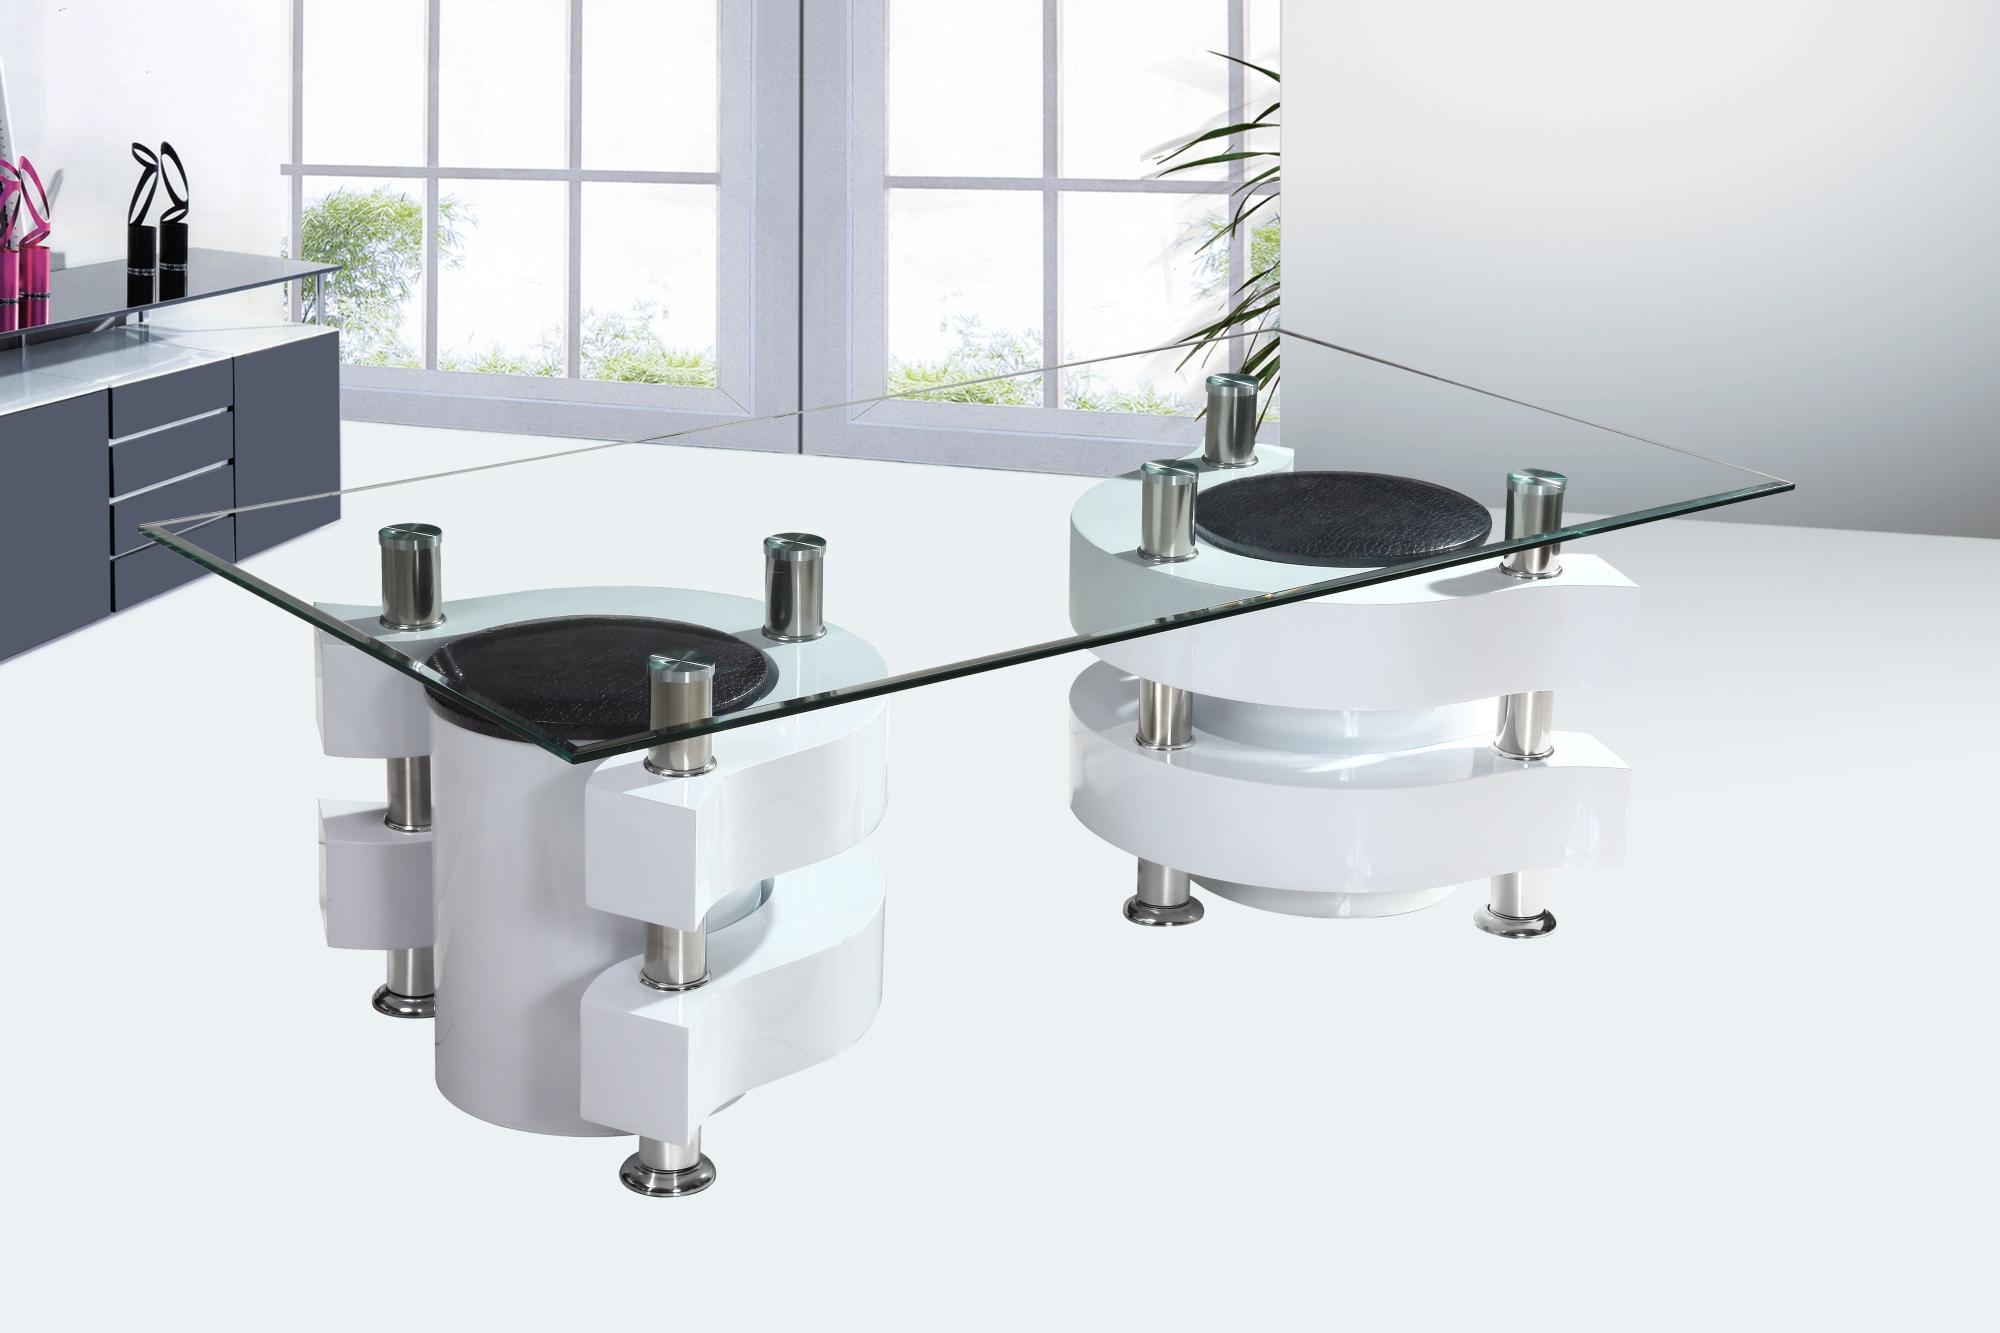 Blanche Table Avec Design Laquée Poufs En Basse Verre Florie Lc3Rj54Aq